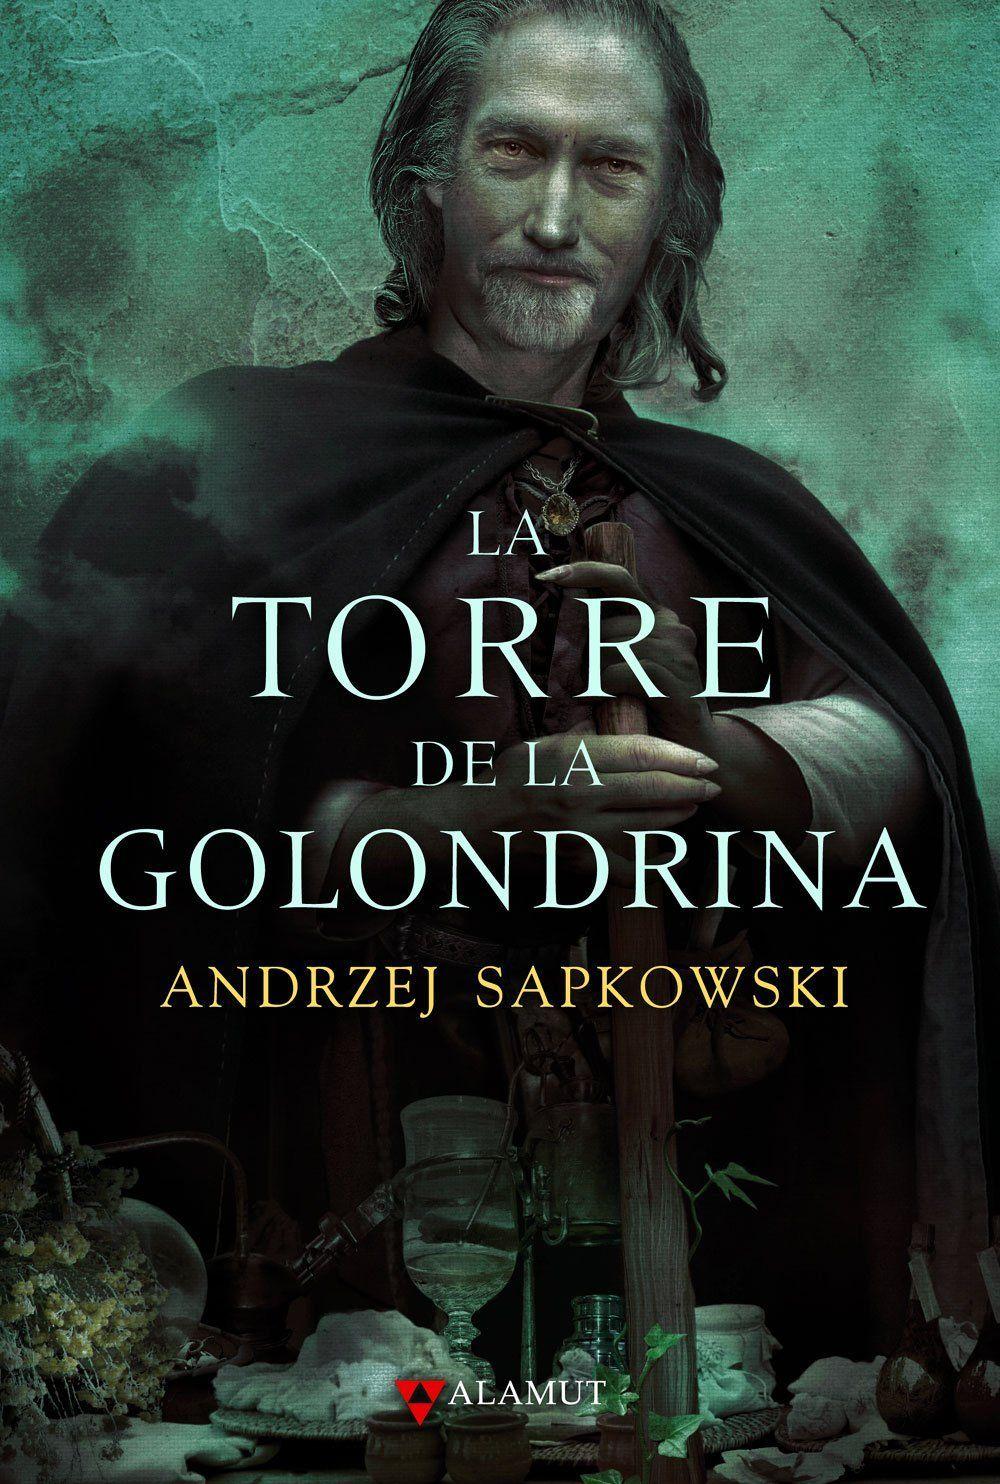 ¿Qué elfo misterioso de La Torre de la Golondrina vuelve a aparecer al final del libro?